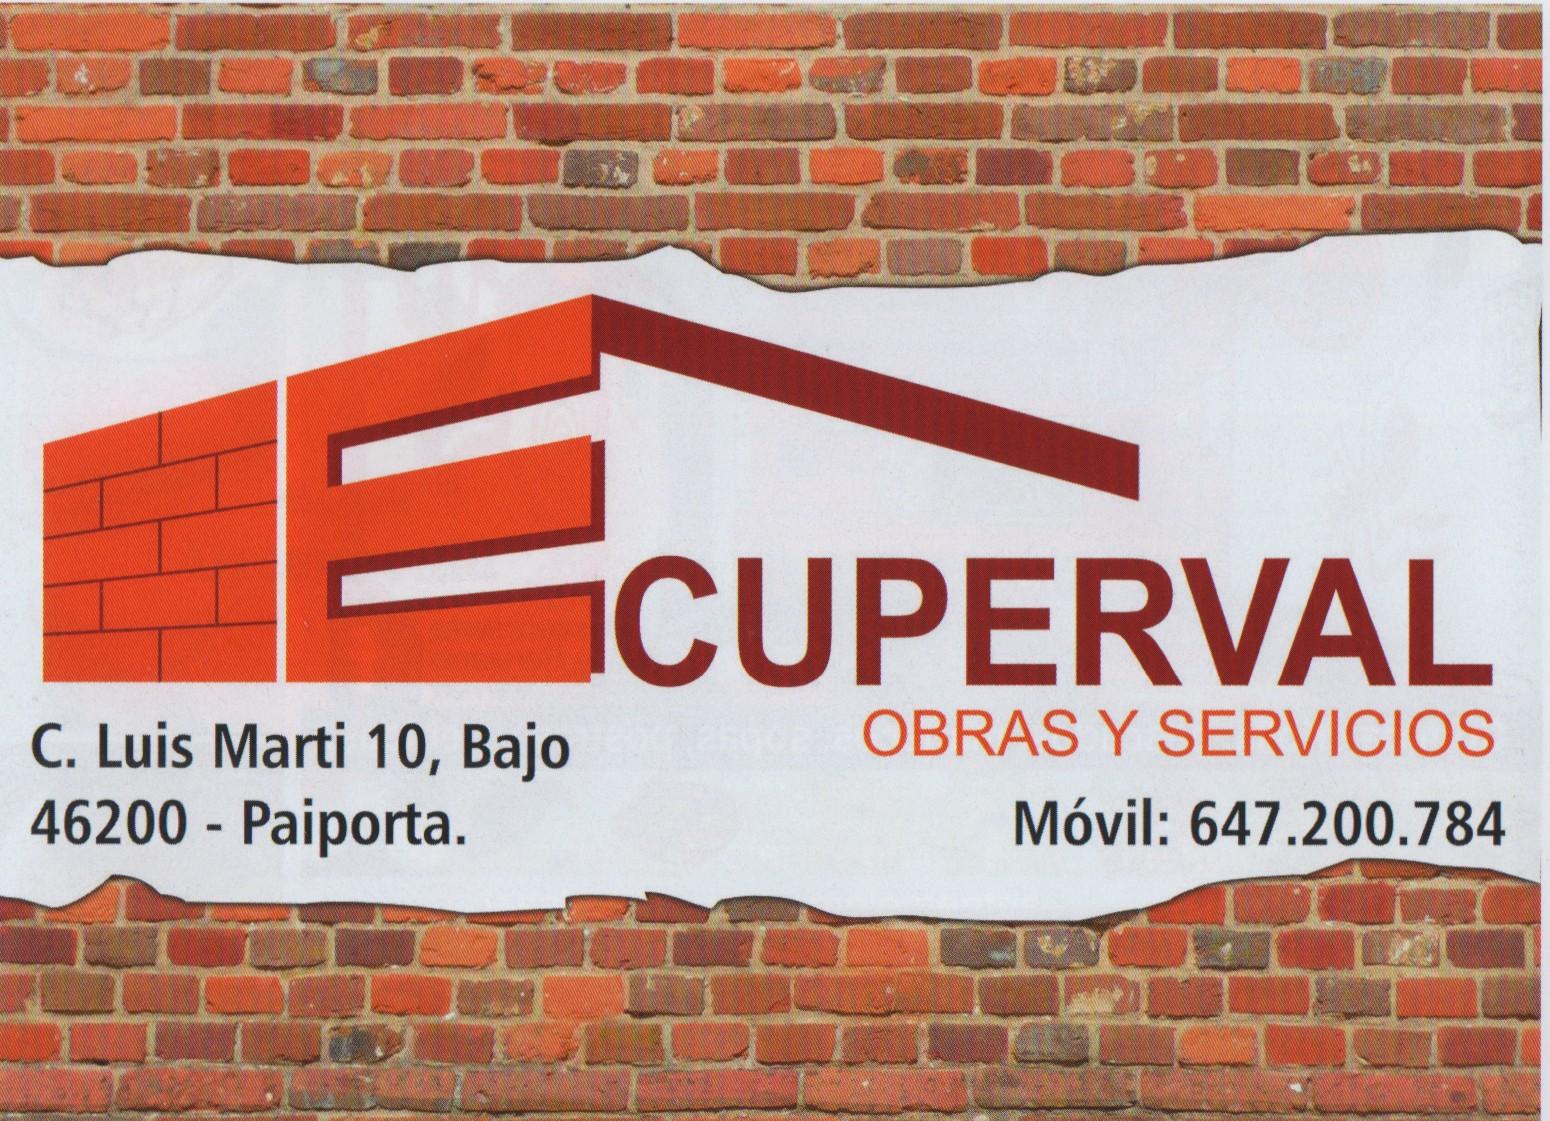 Empresa Ecuperval